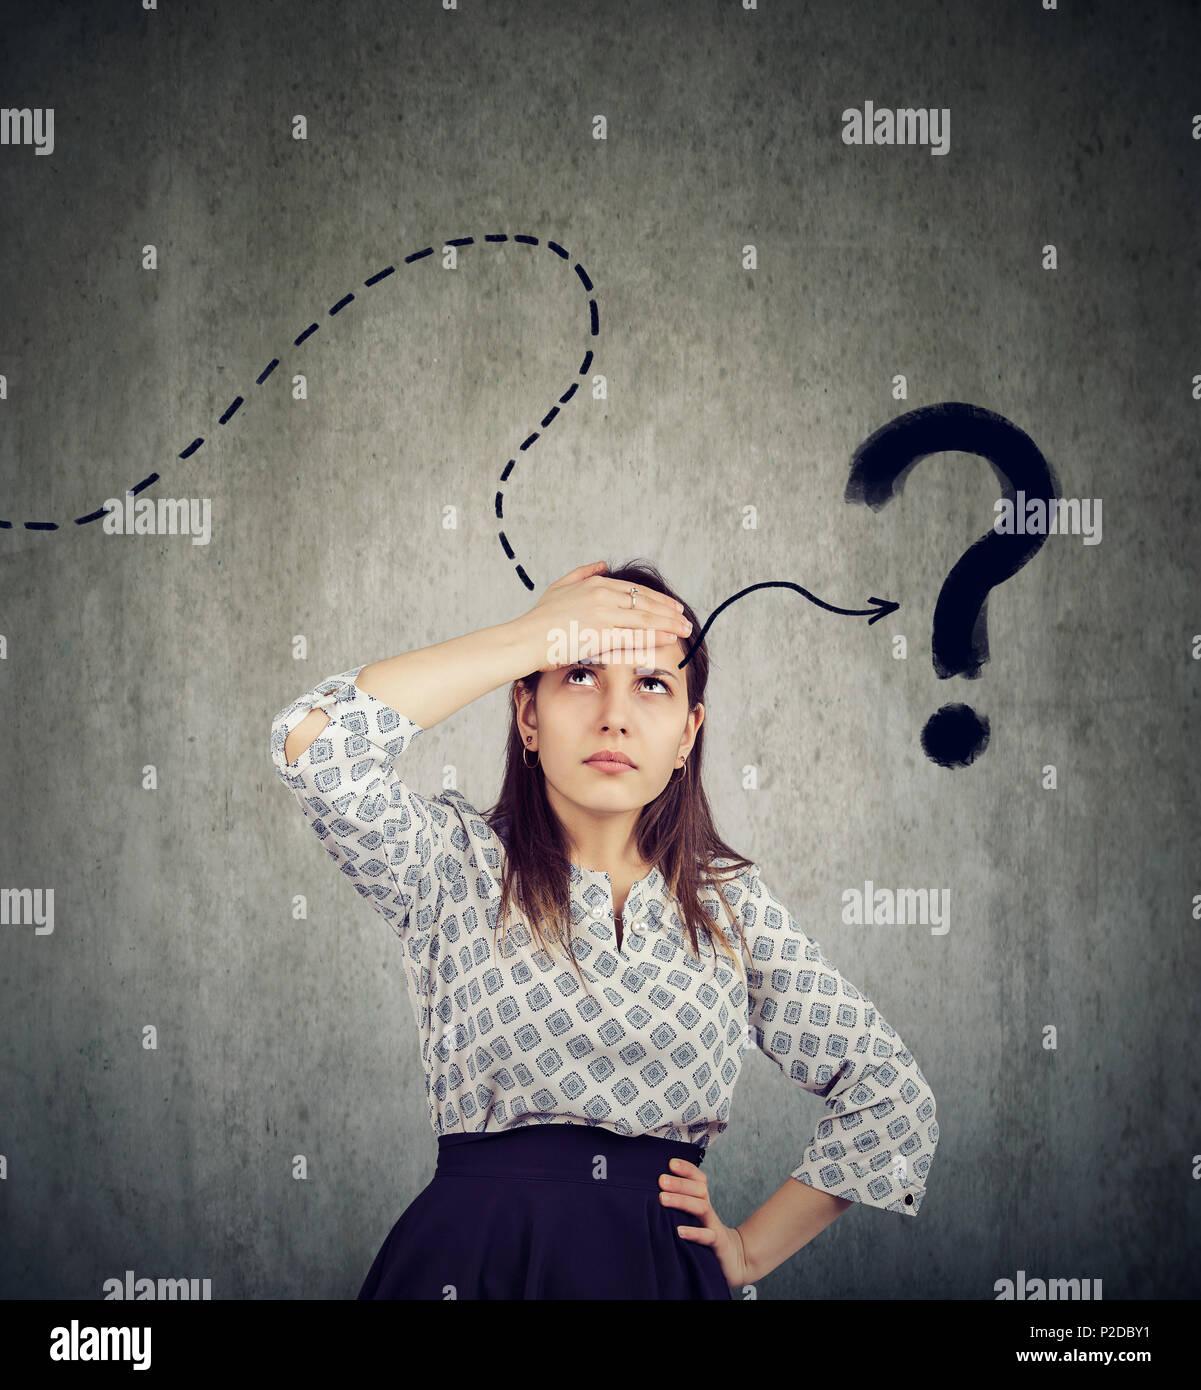 Junge Frau denken schwer daran zu erinnern hat eine Frage Stockbild